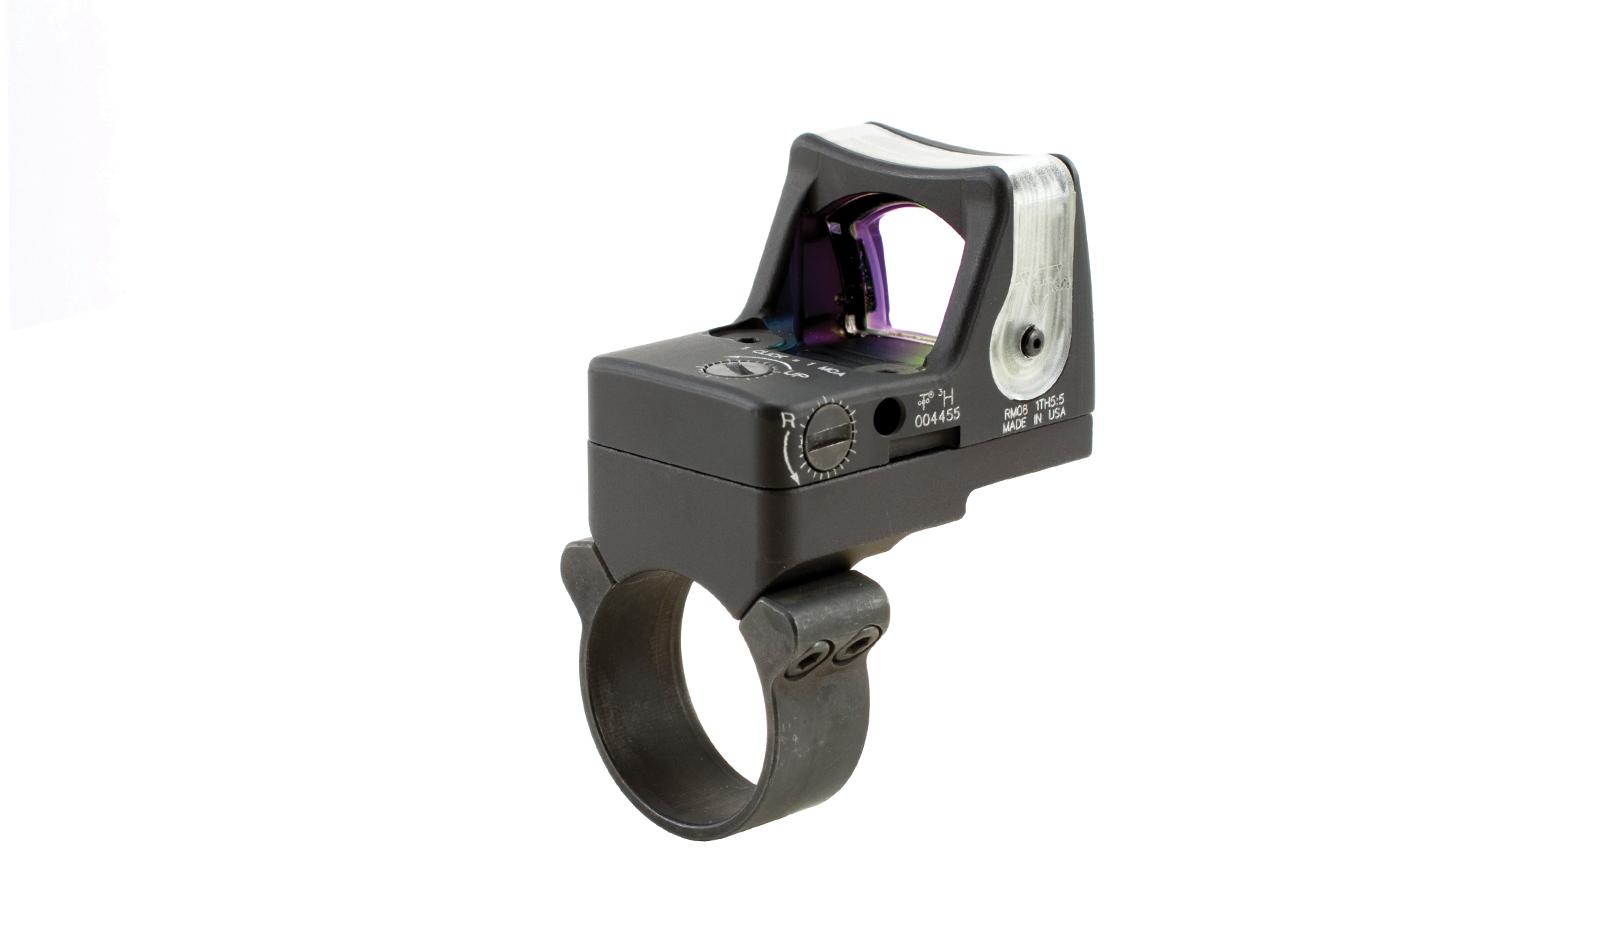 RM08A-36 angle 3